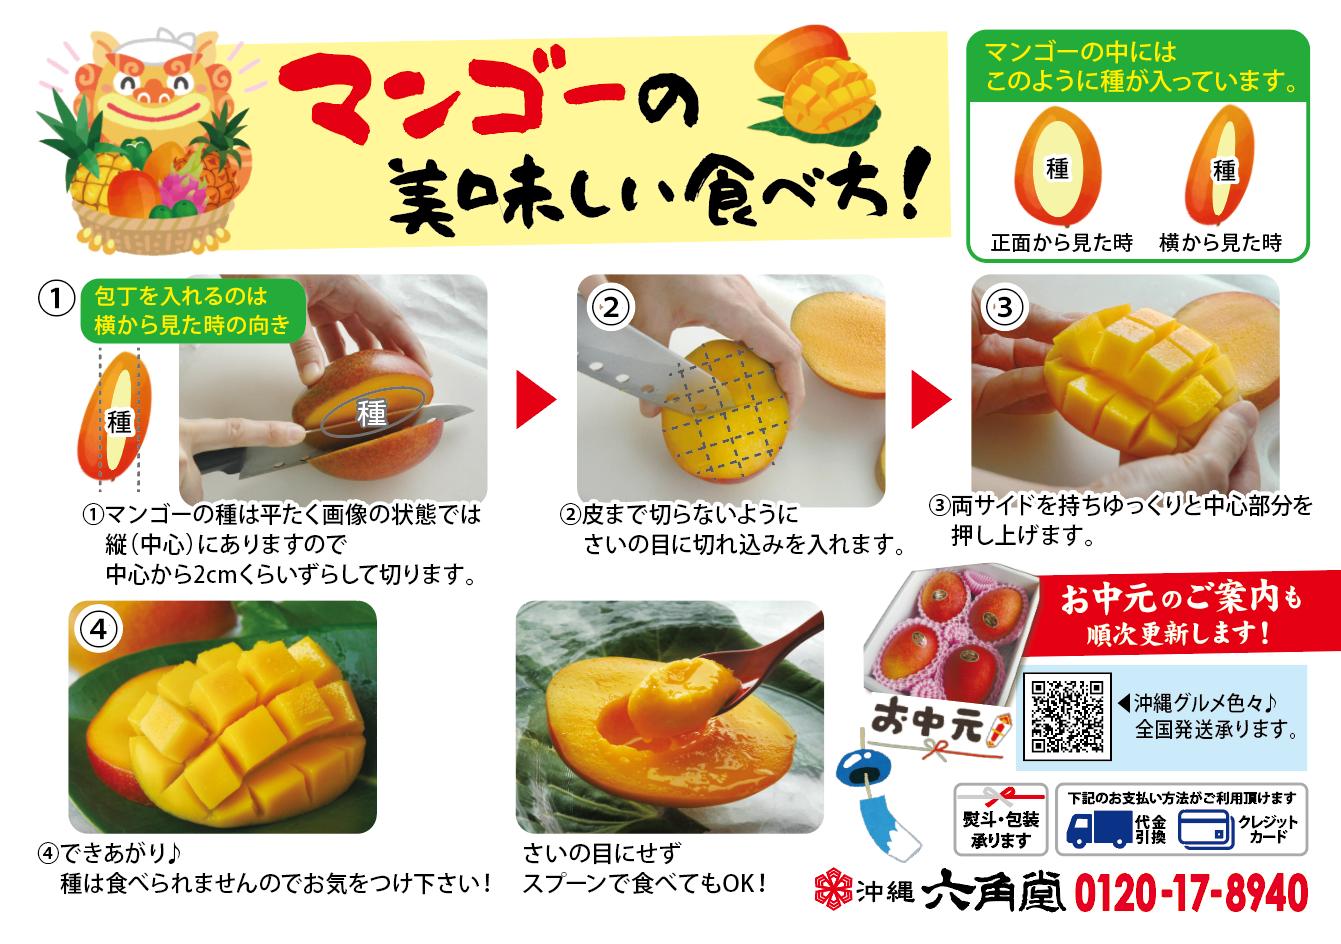 マンゴーの剥き方